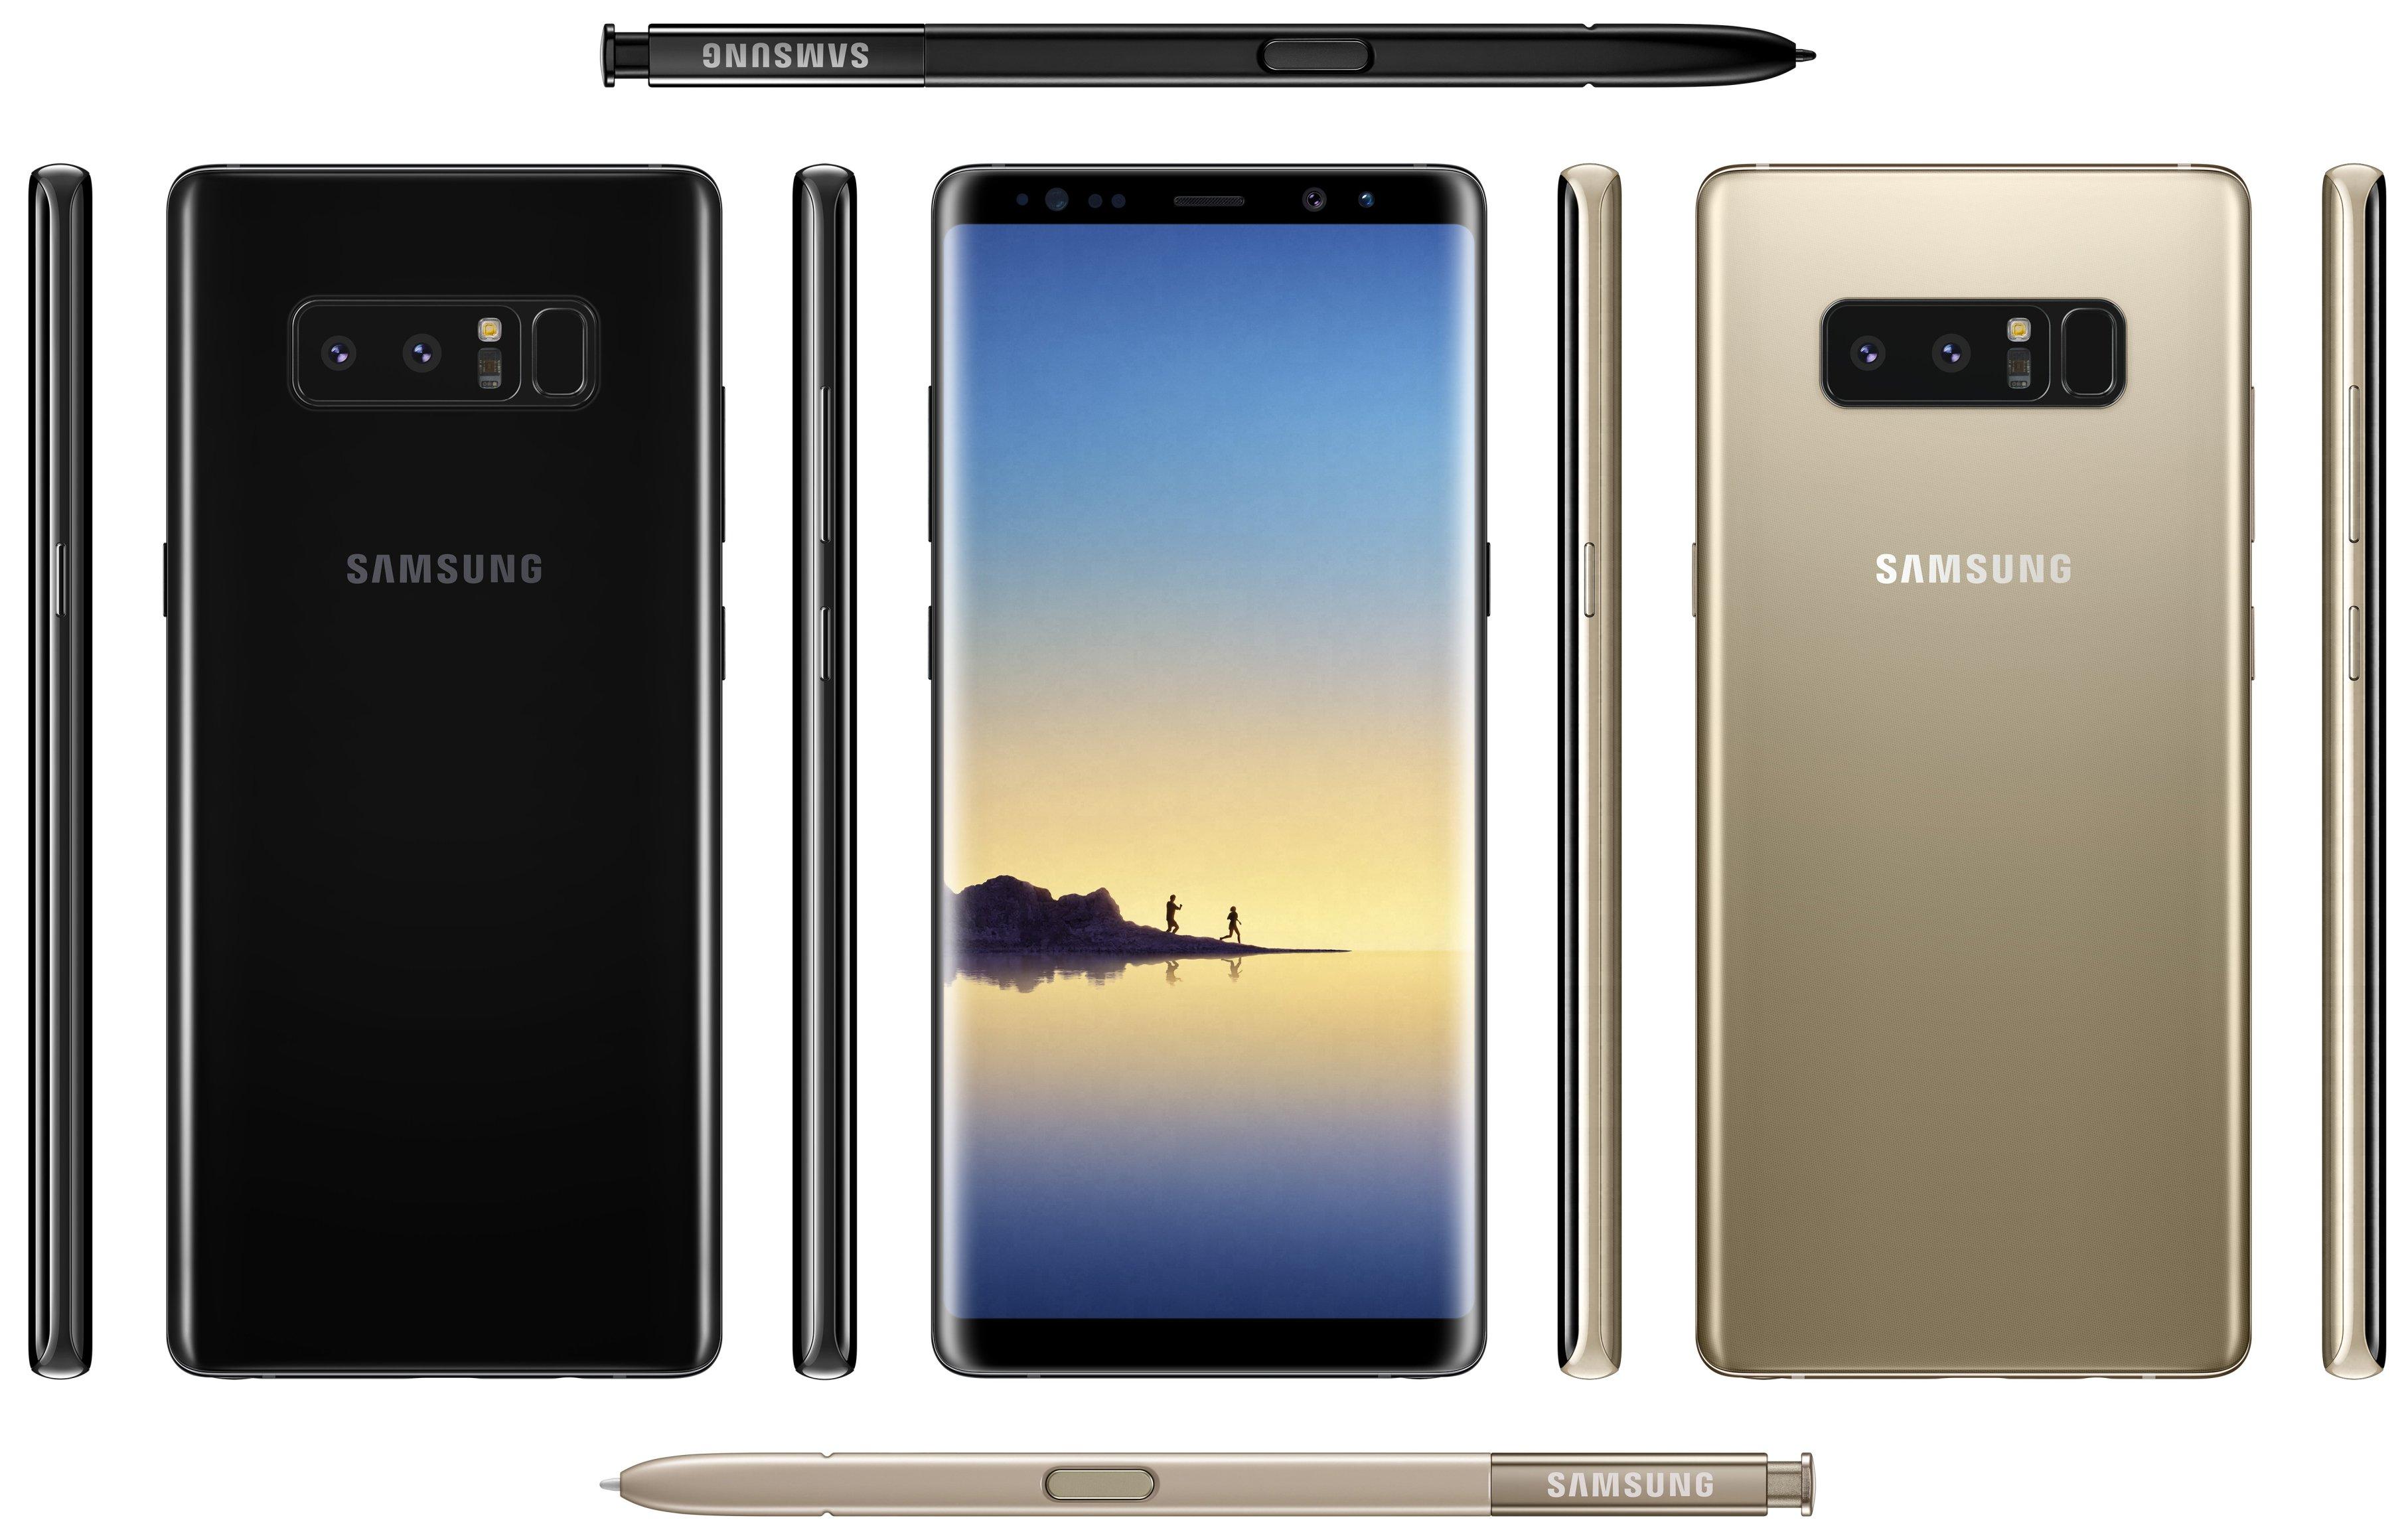 Filtran imágenes oficiales del Galaxy Note 8